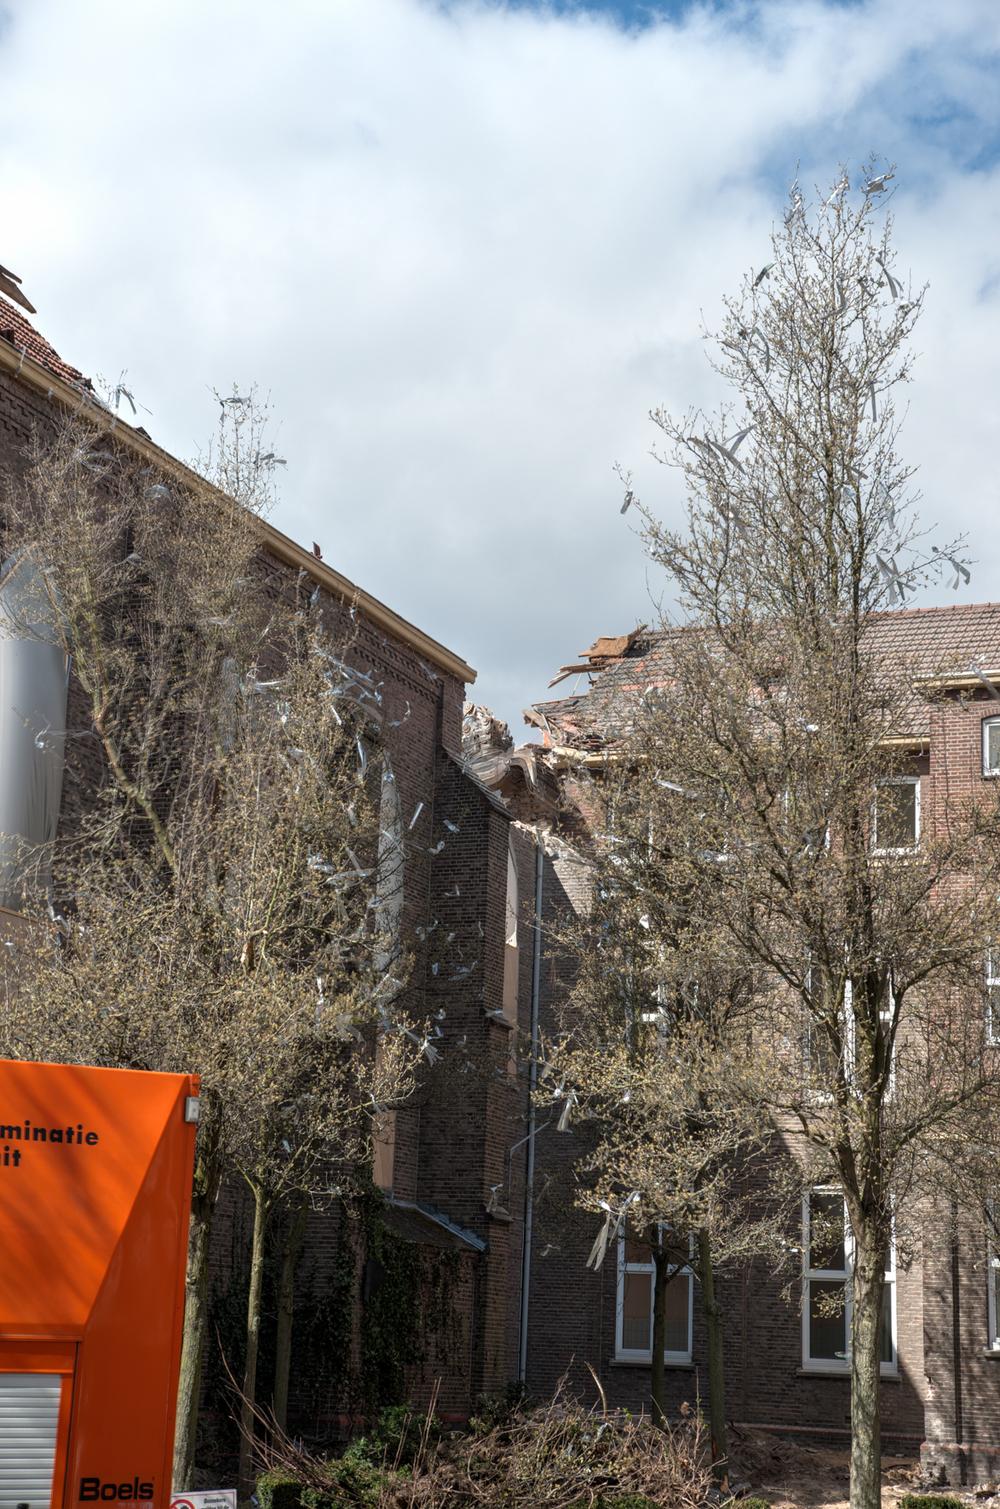 Rector_Driessenstraat-72.jpg